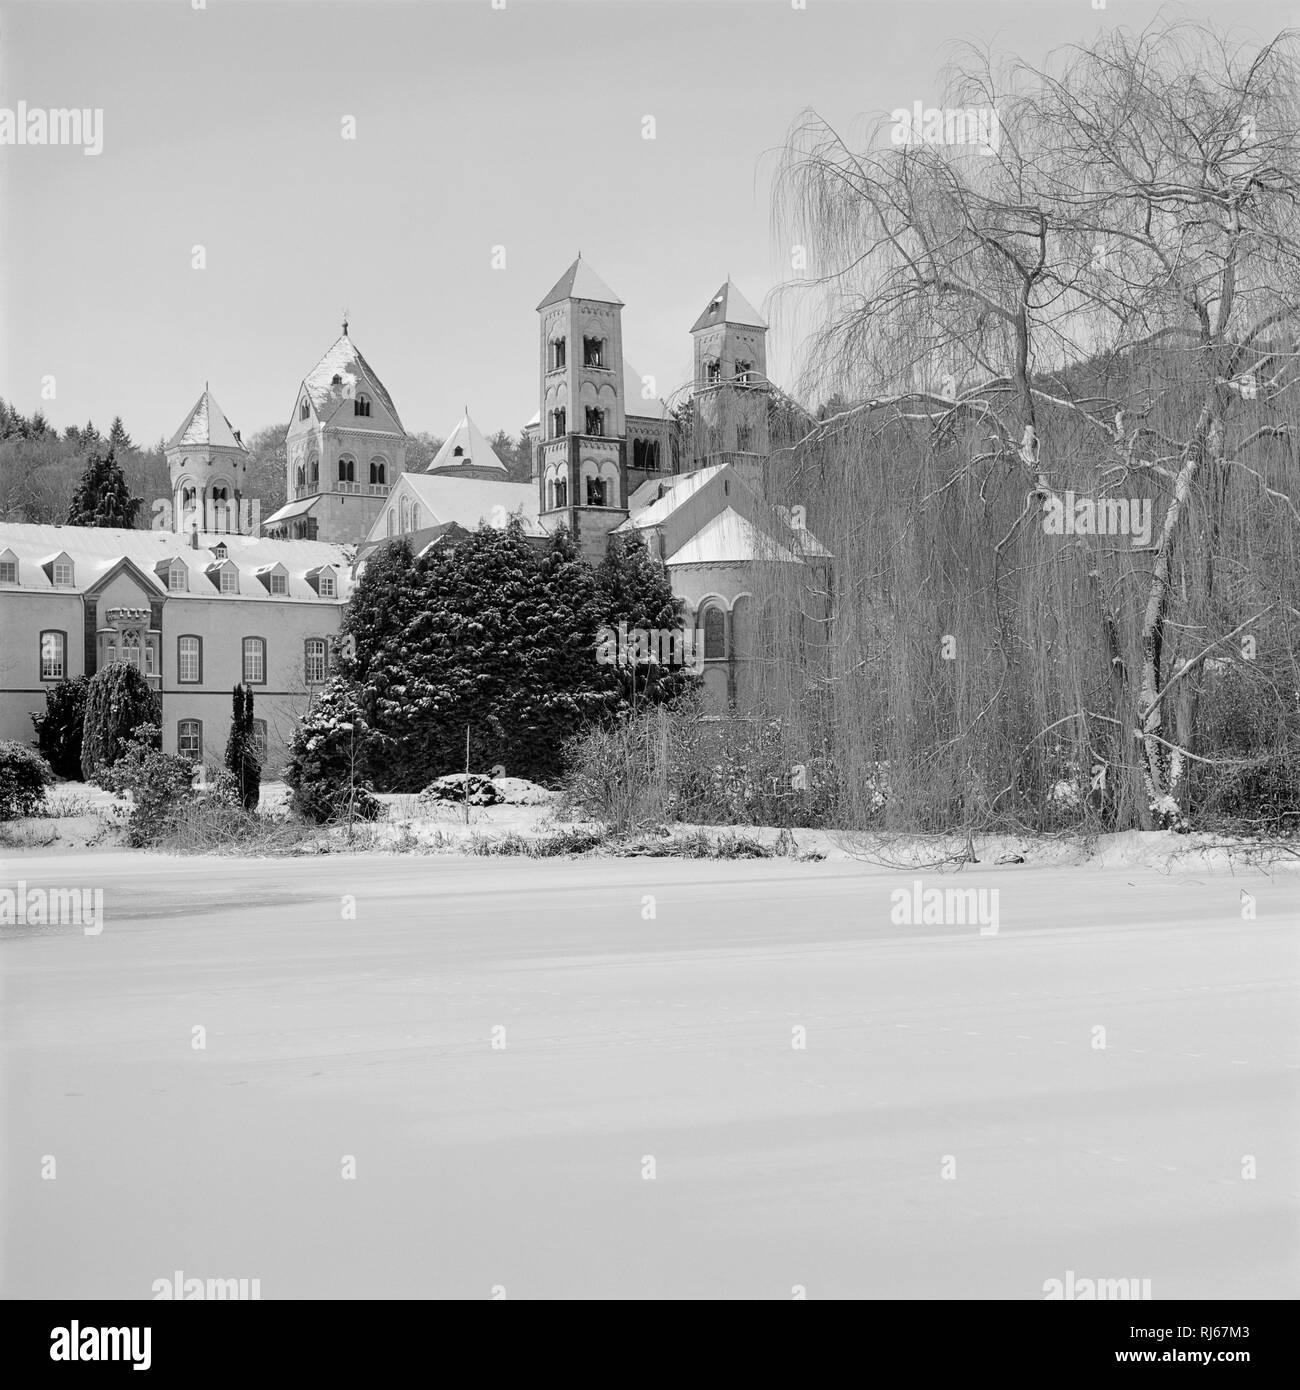 Europa, Deutschland, Rheinland-Pfalz, Kloster Maria Laach, Blick von Südosten auf Stiftskirche und Wohngebäude, davor der zugefrorenen Teich, - Stock Image